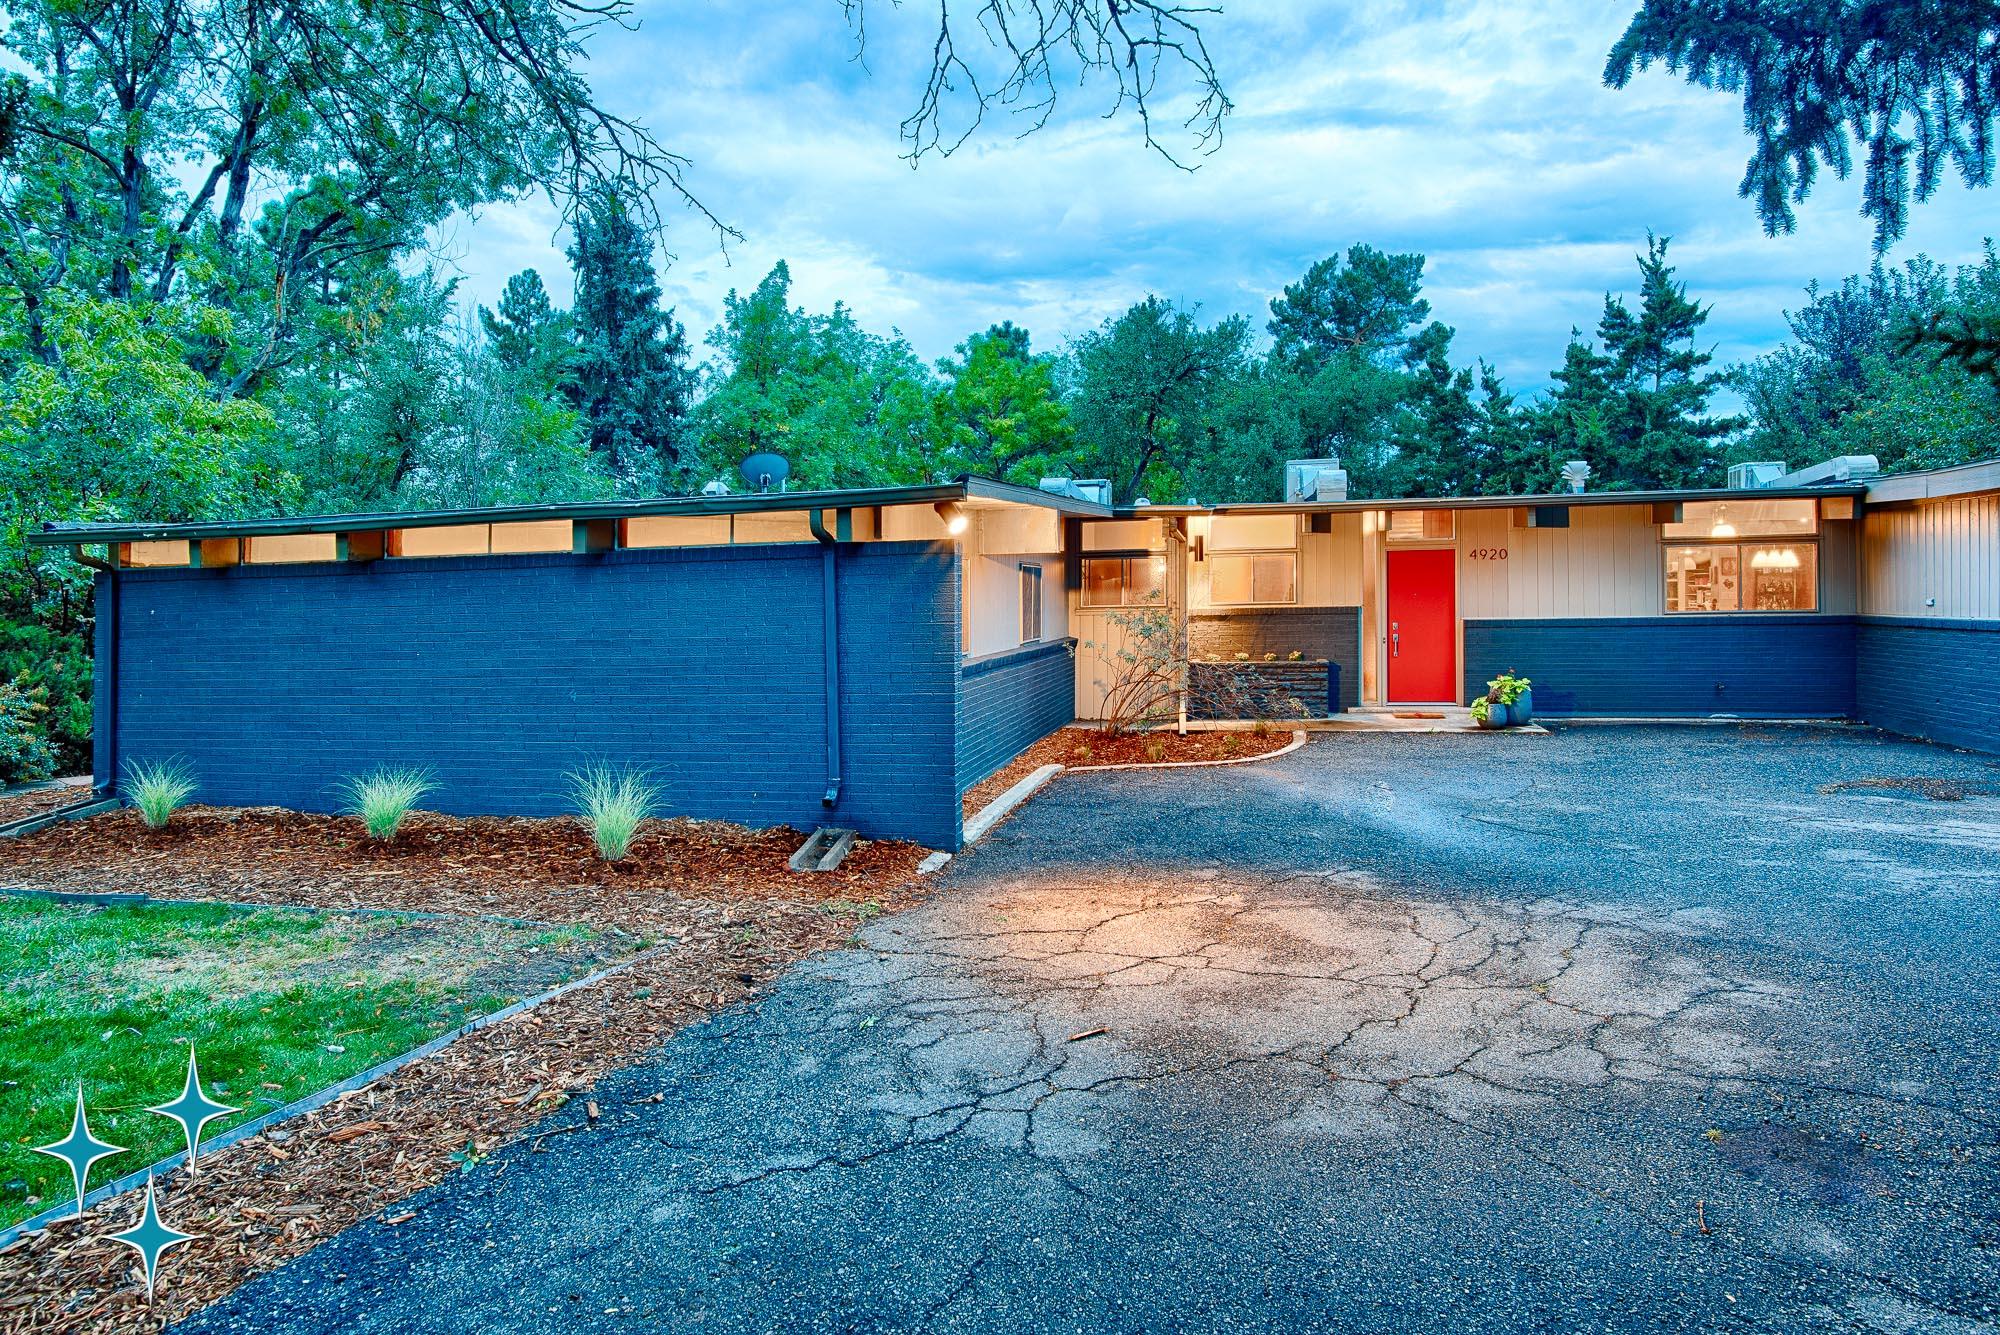 Adrian-Kinney-4920-E-Vassar-Lane-Denver-Dahlia-Acres-2000w50-3SWM-3.jpg